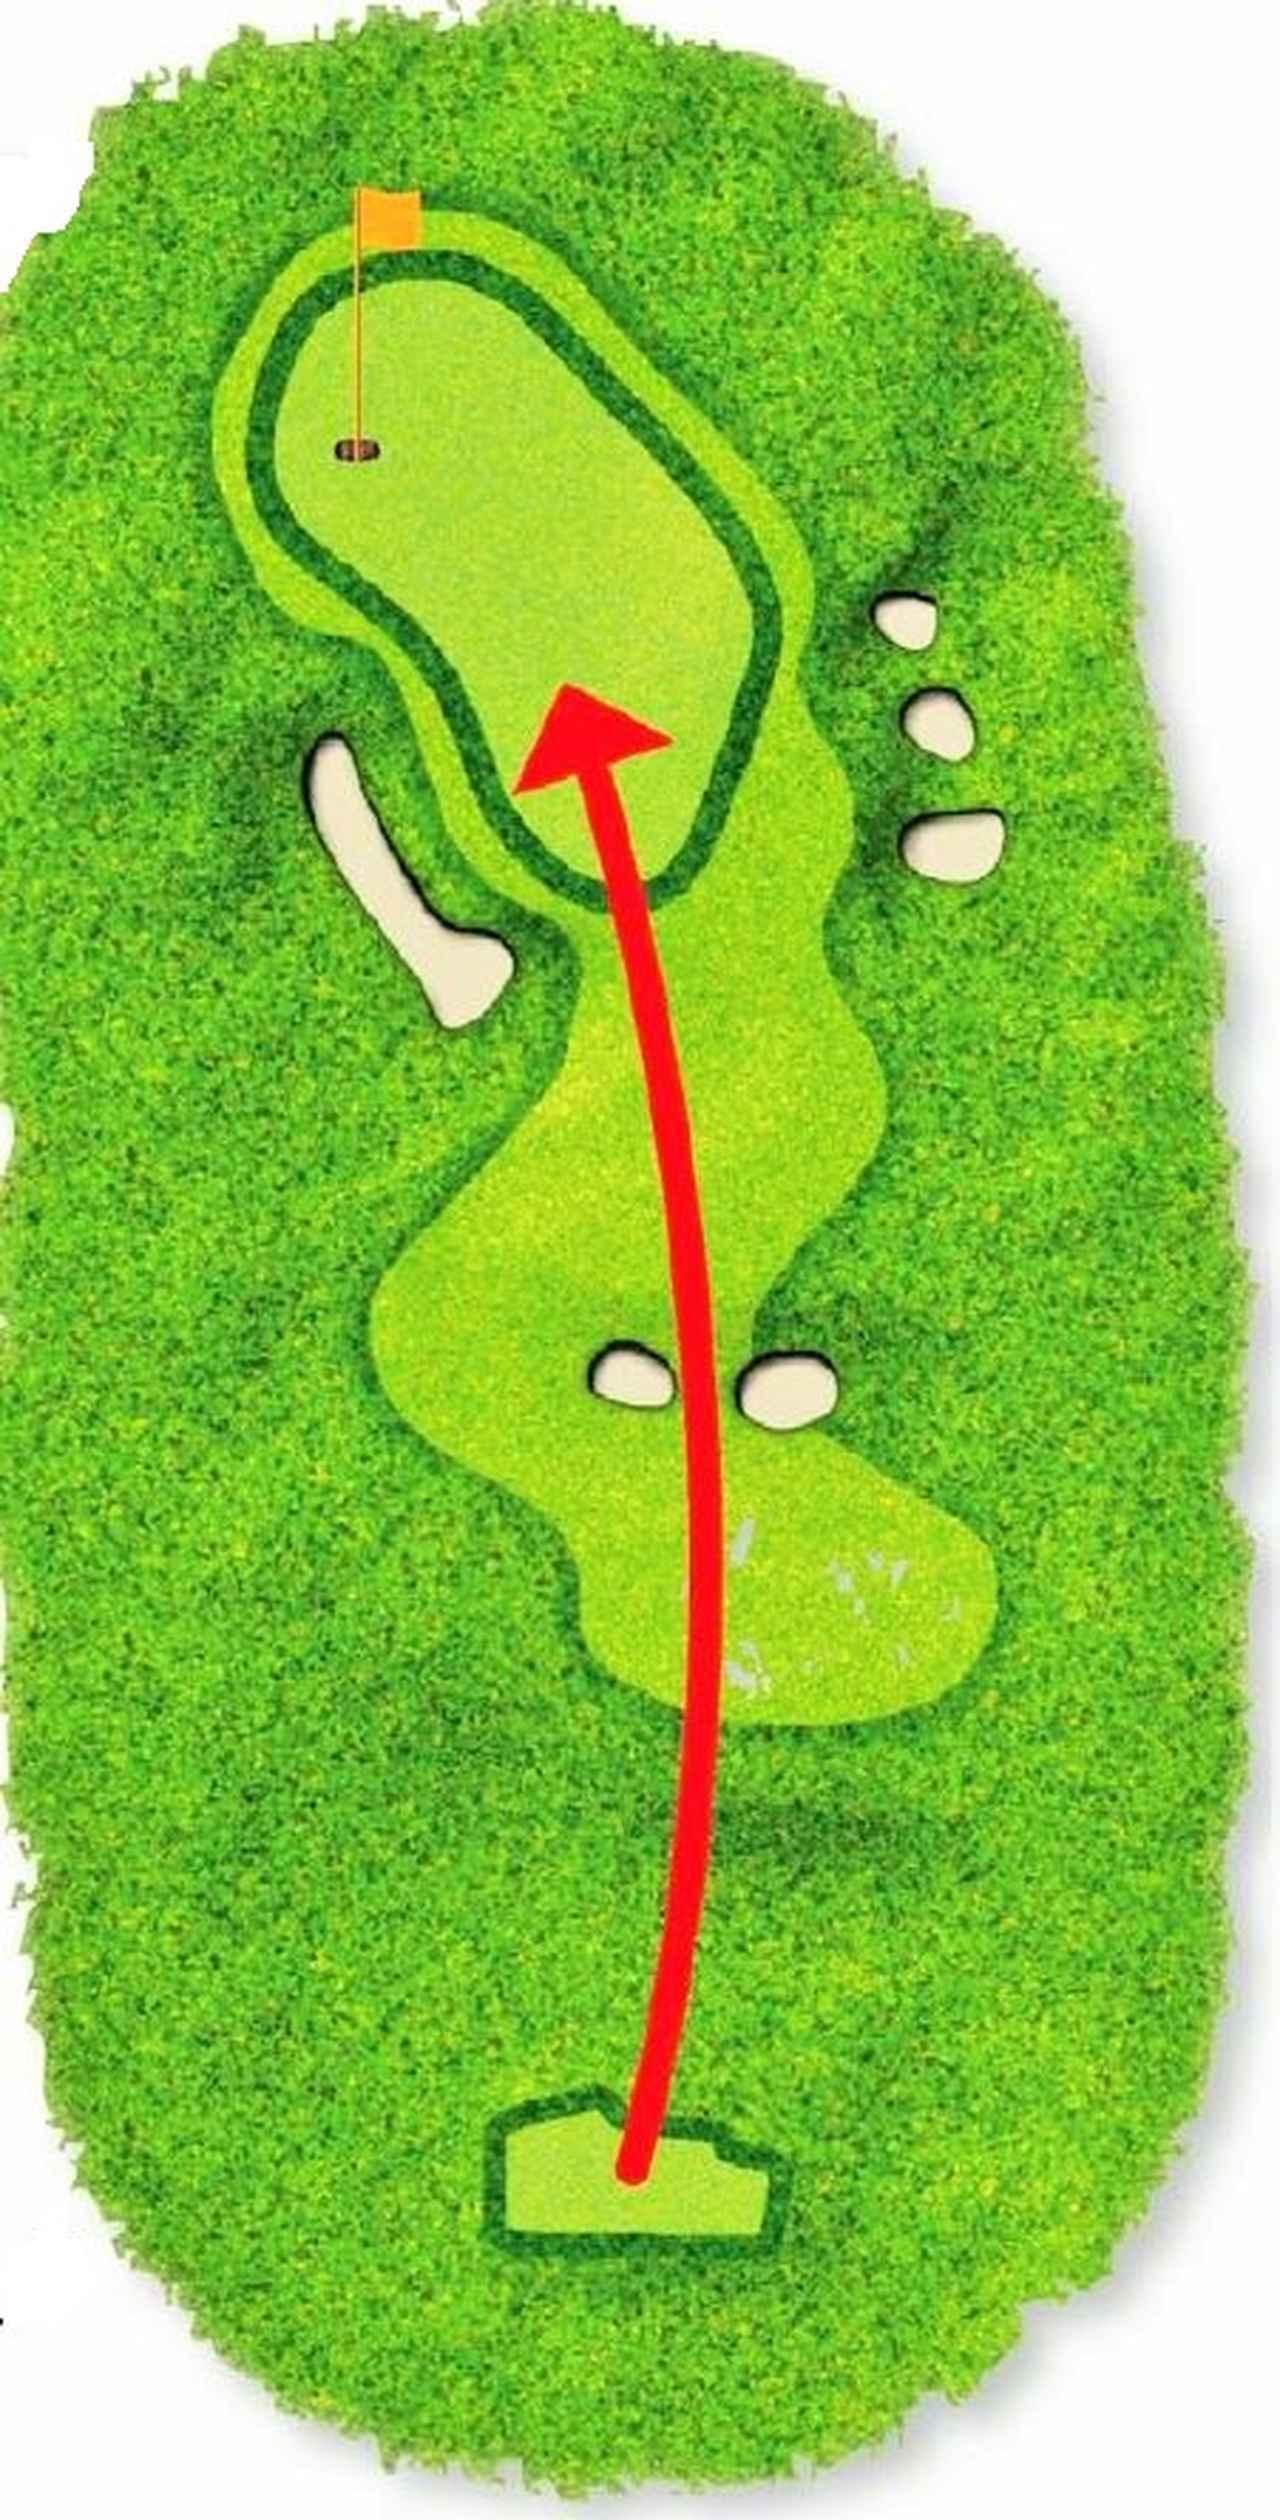 """画像: 「オーガスタの12番」は""""レダン""""。世界のコースすべてがどれかに当てはまる!?  コース設計4つのパターン - みんなのゴルフダイジェスト"""